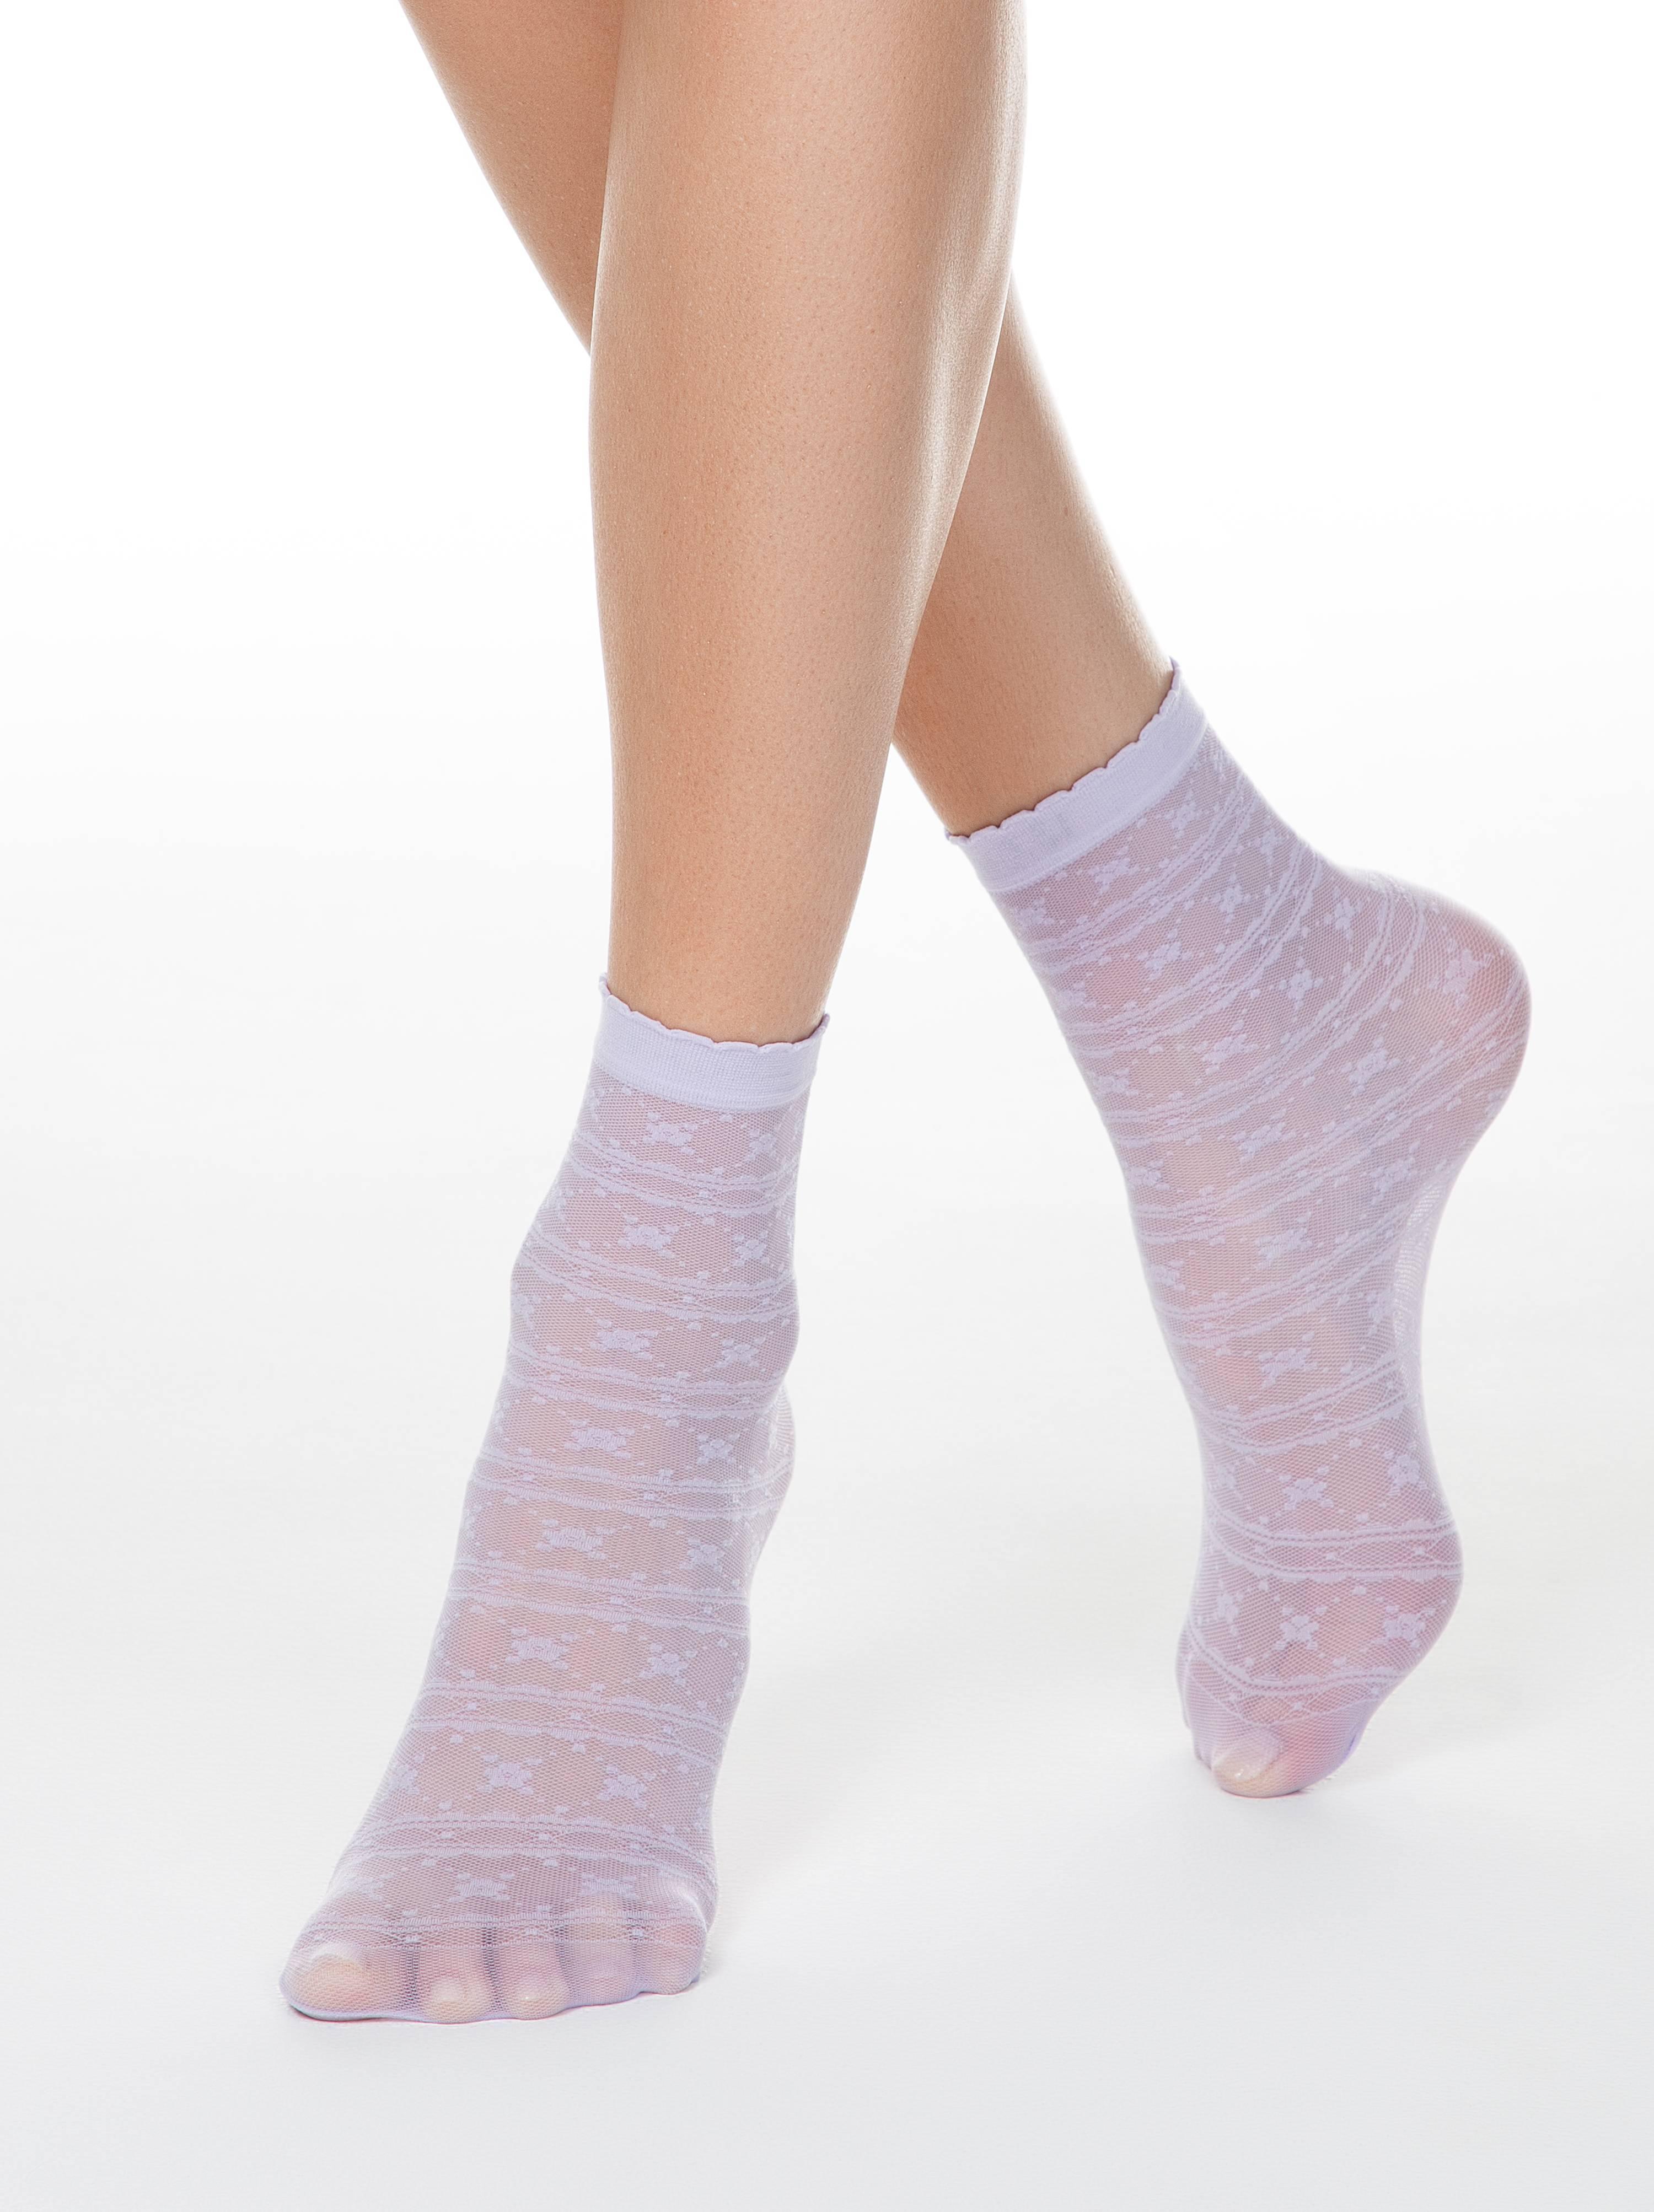 Тонкие носки FANTASY с ажурным рисунком фото